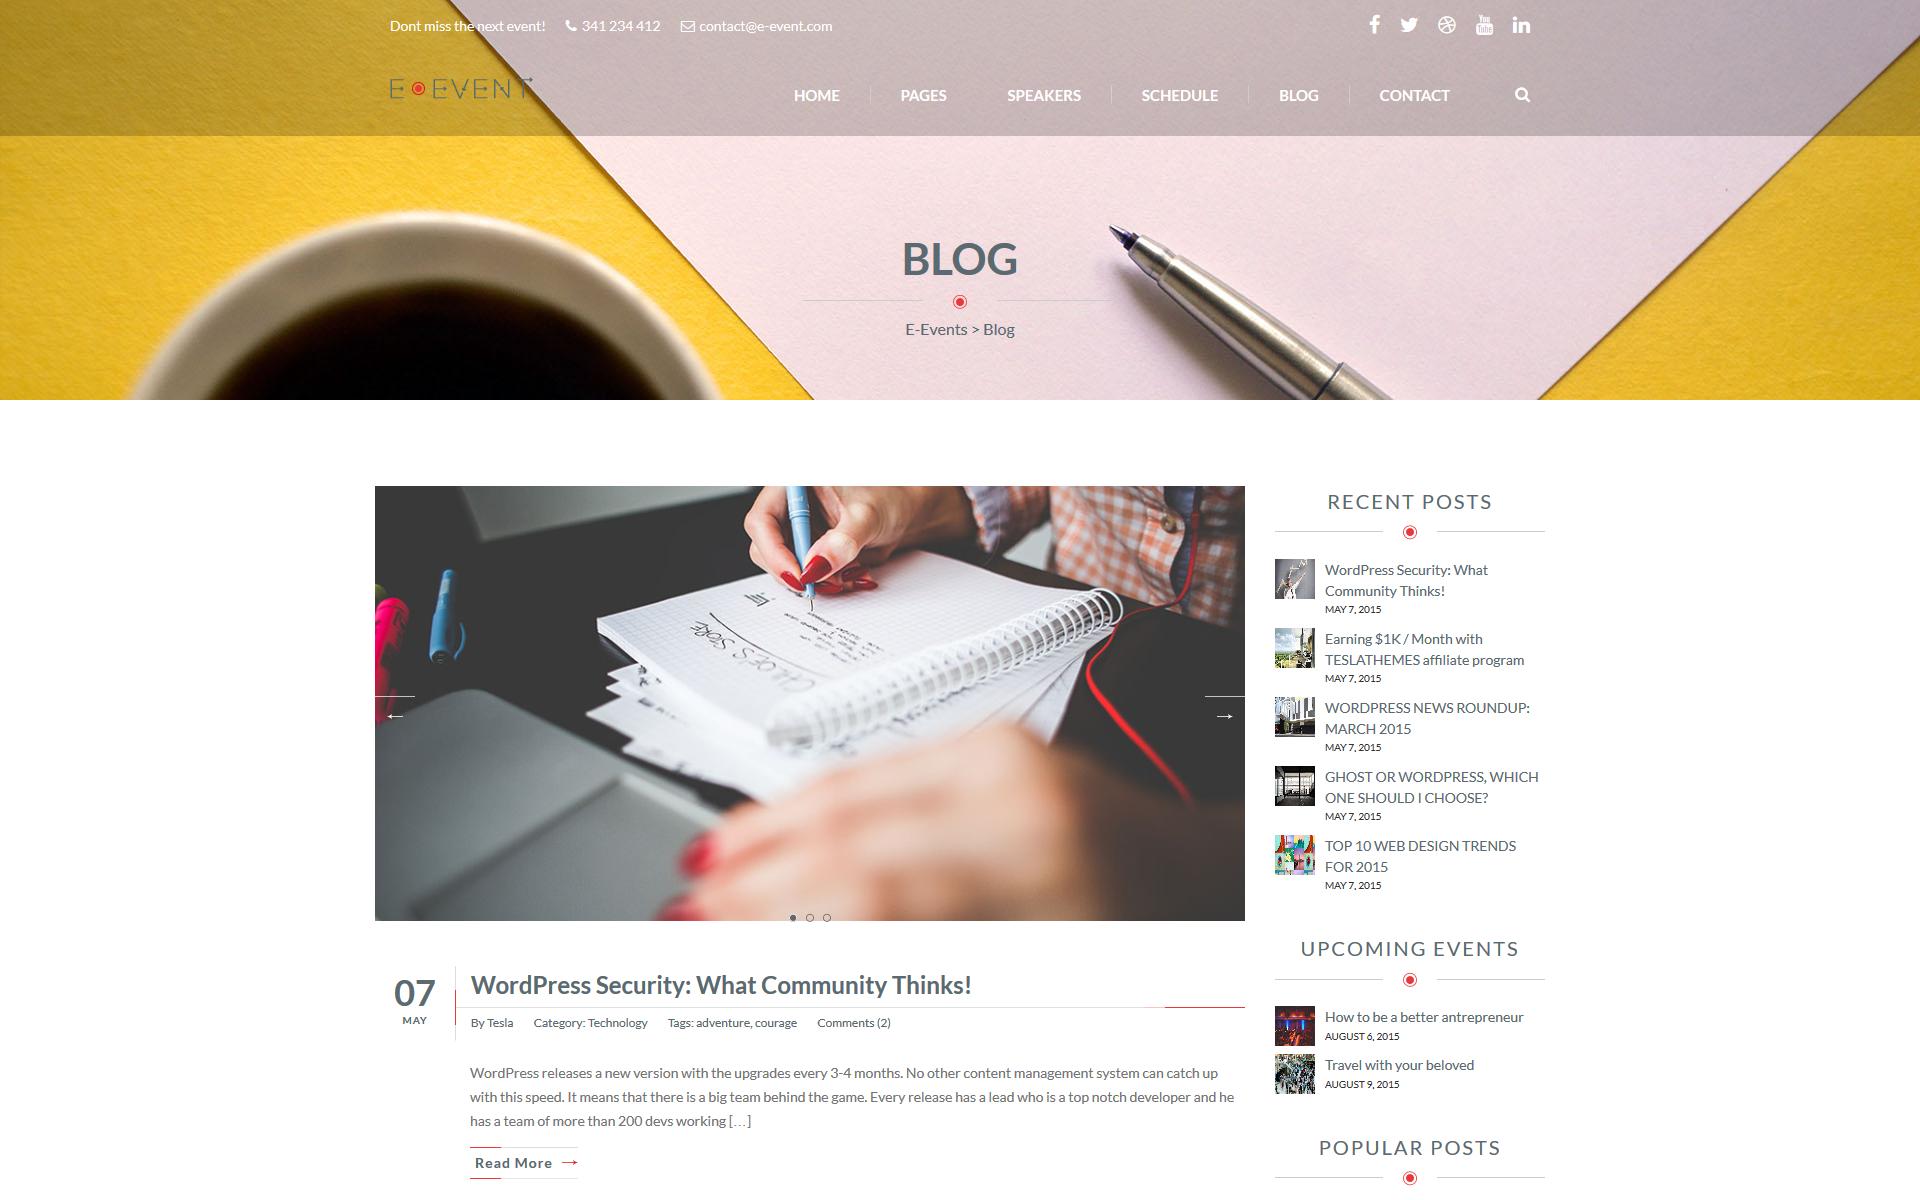 E-Events Blog